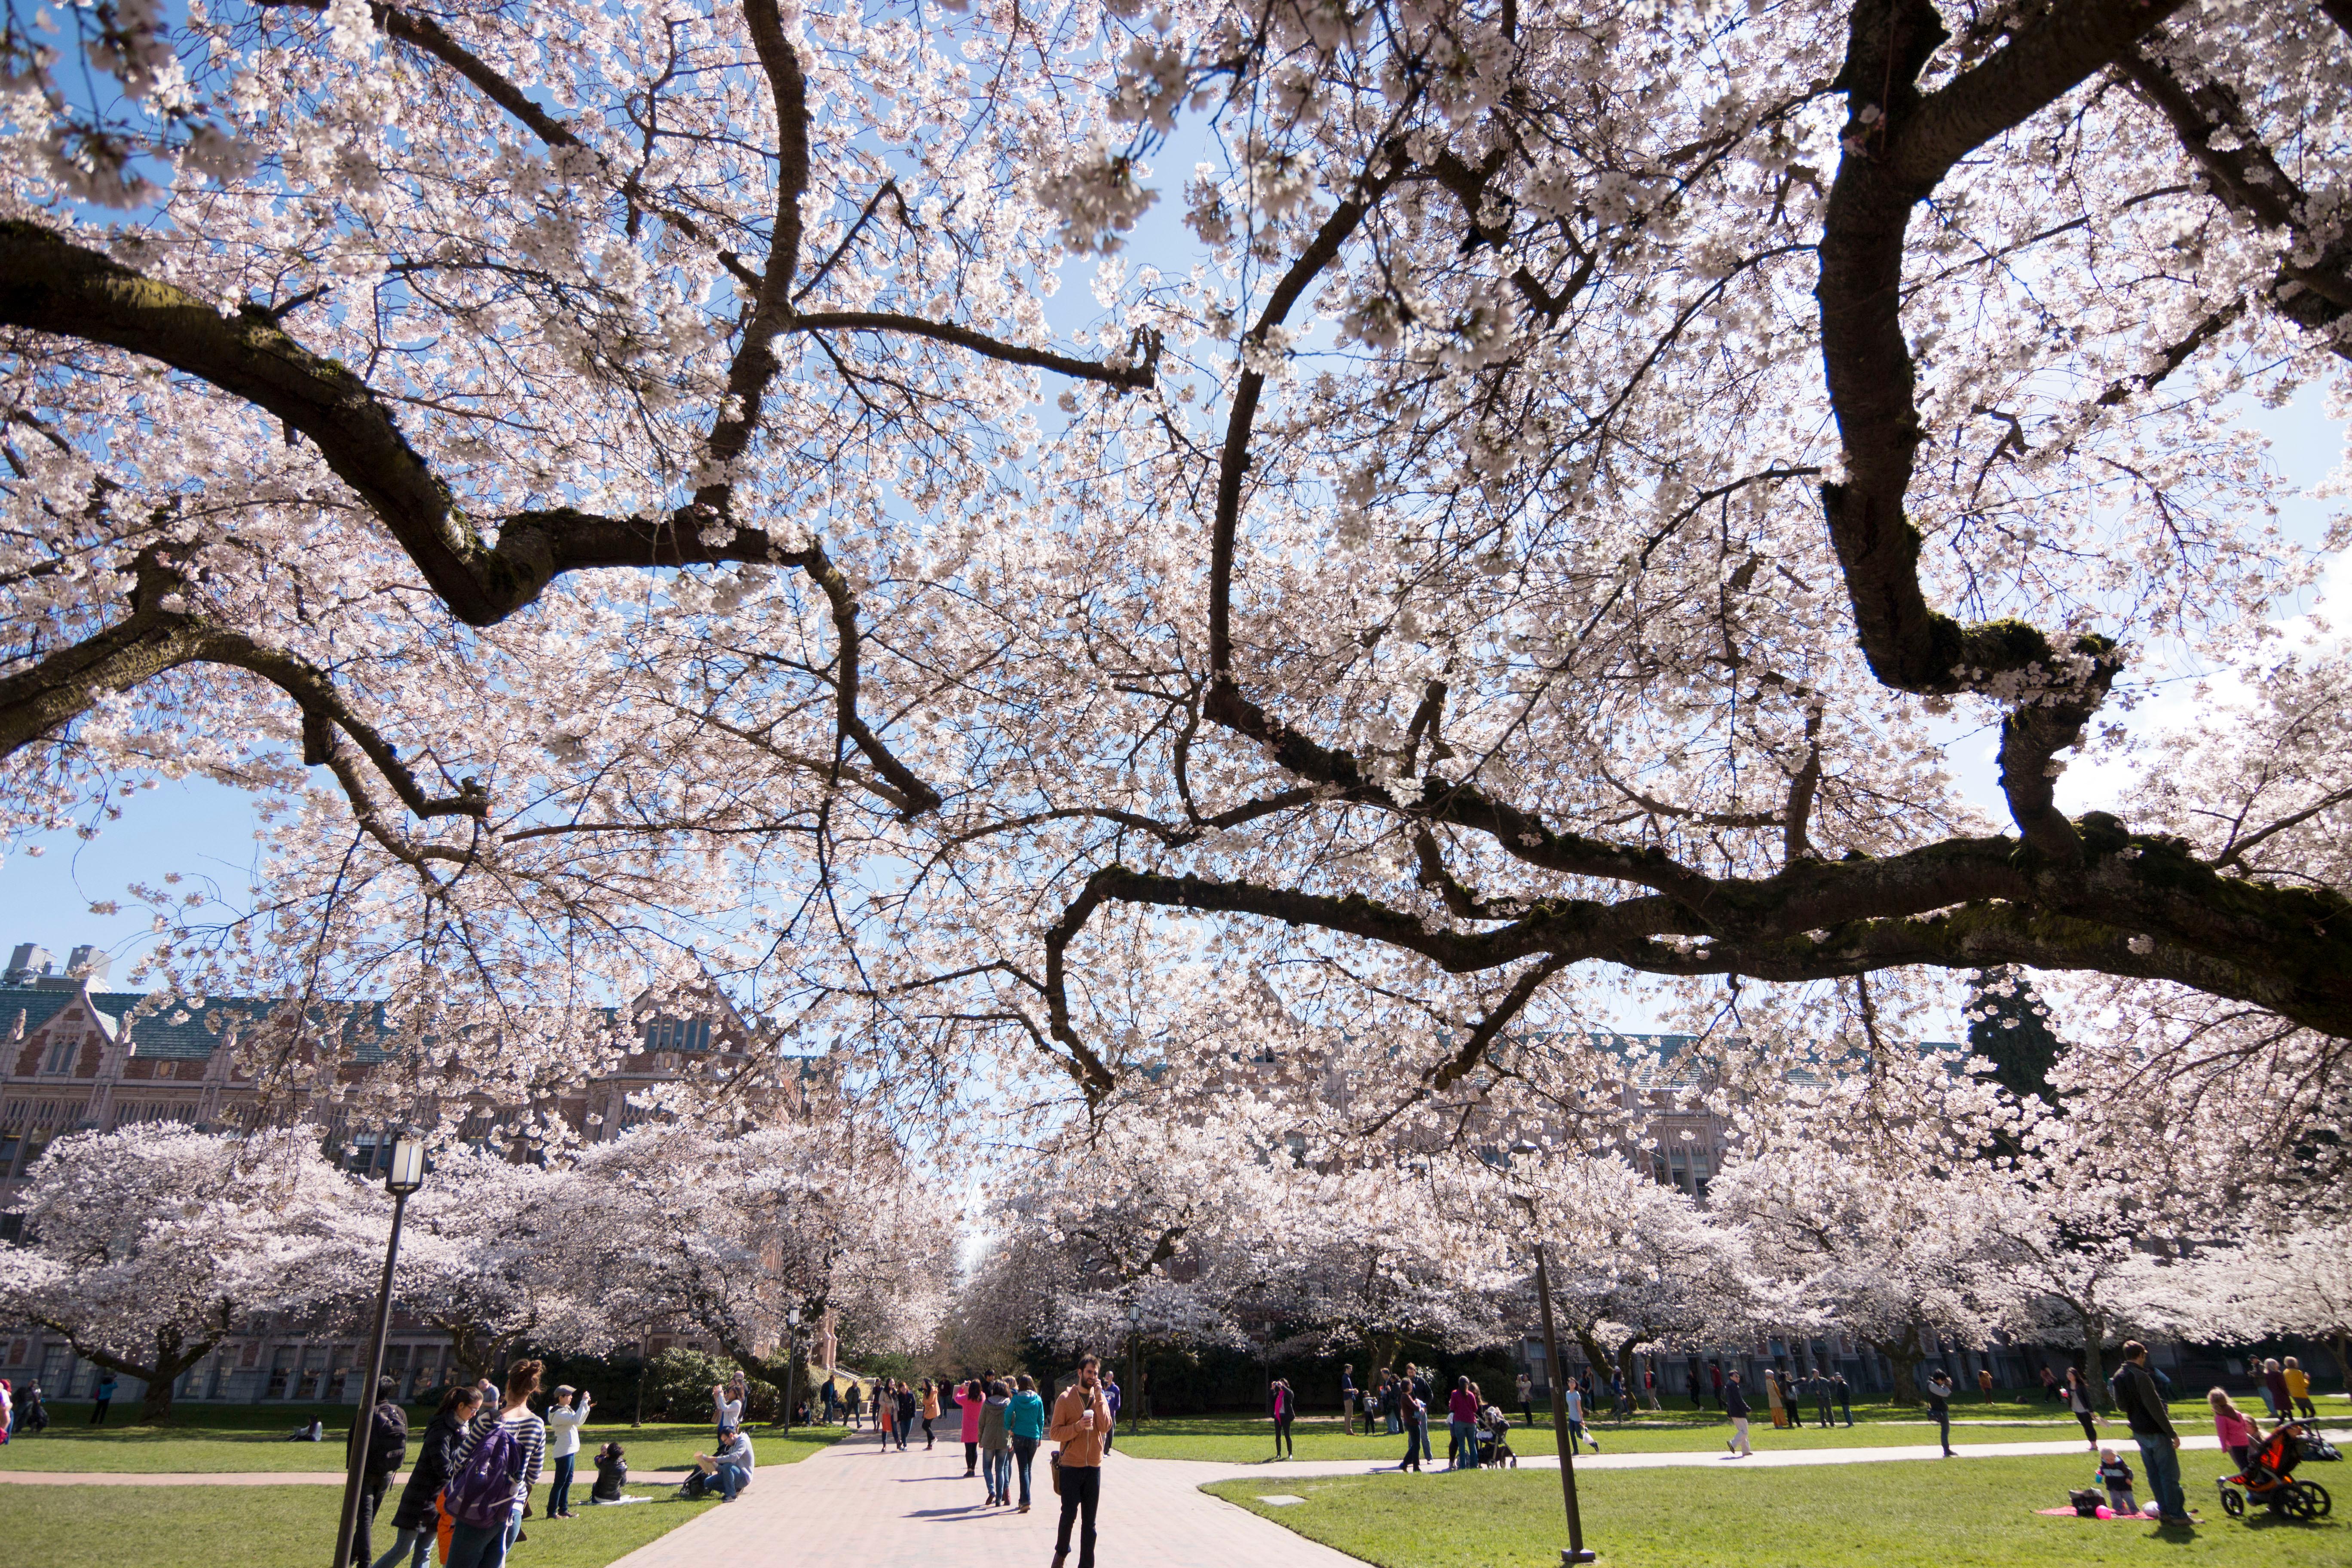 1936, year the Yoshino cherry trees were planted